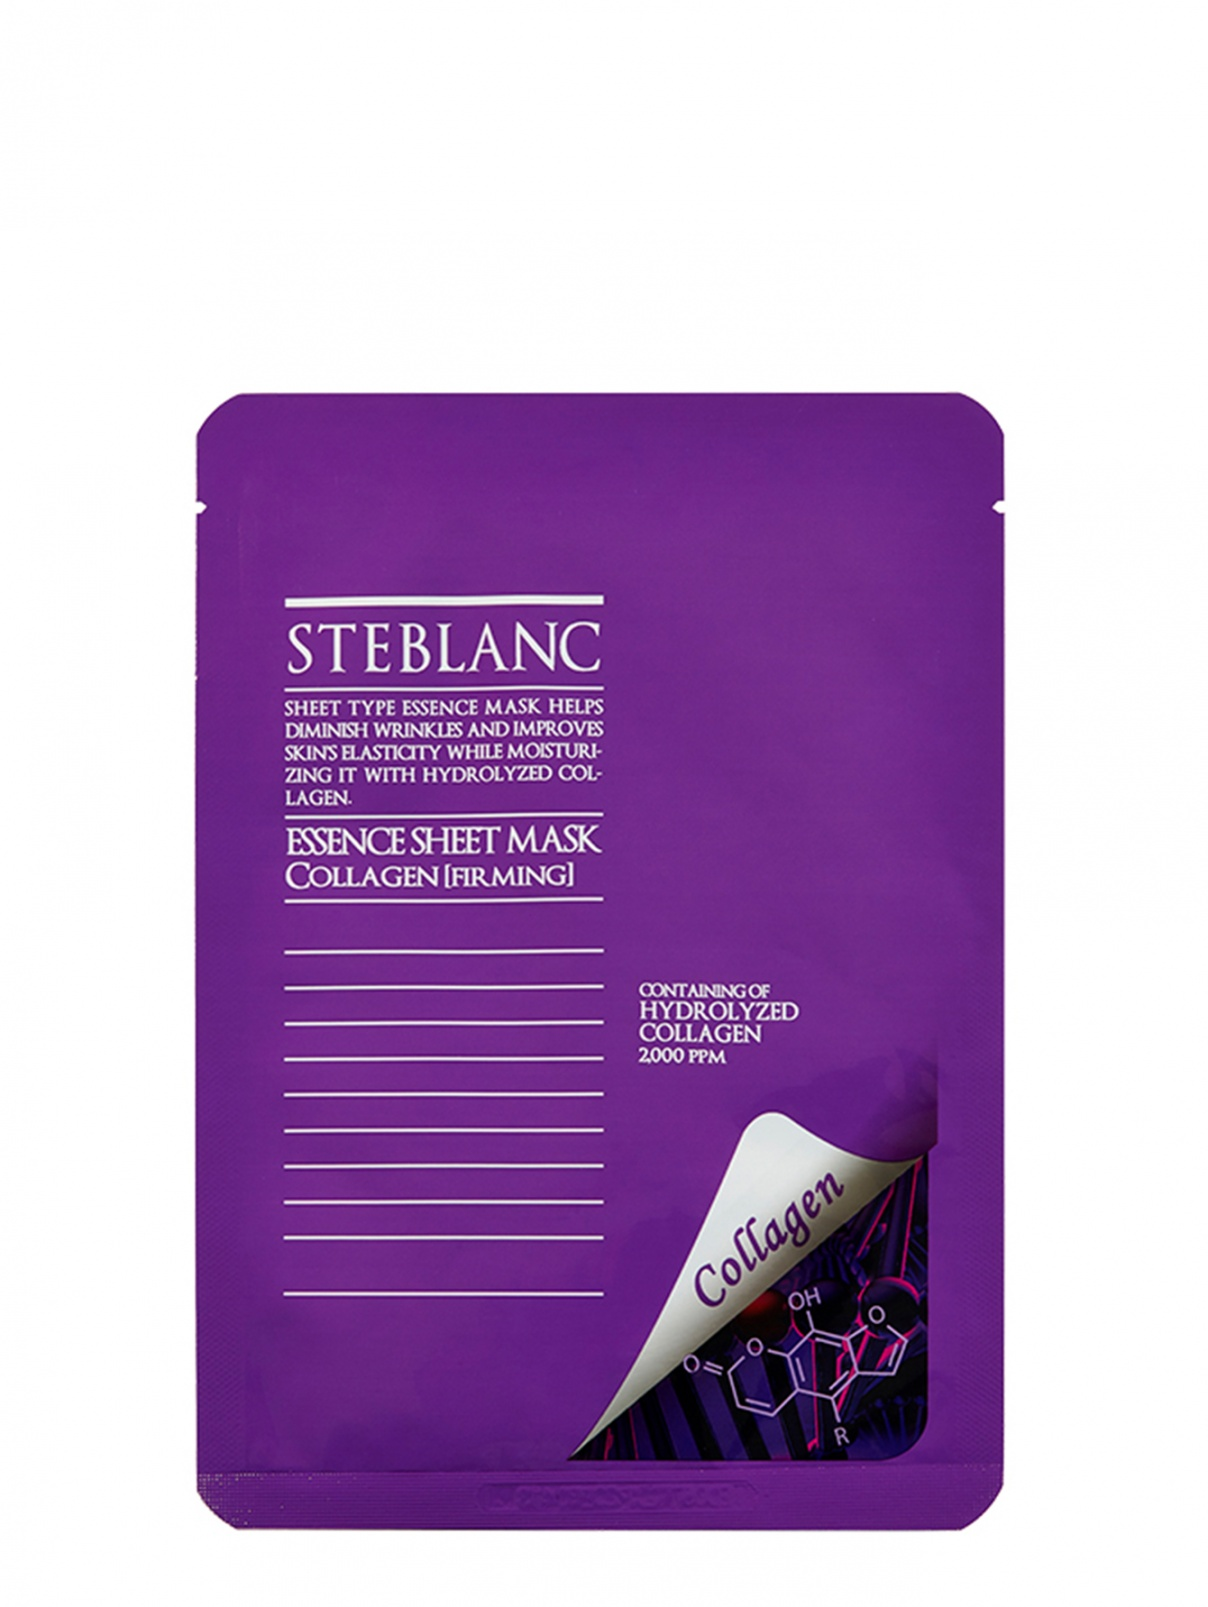 Essence Sheet Mask Collagen / Тканевая маска для лица укрепляющая с гидролизованным коллагеном 25 мл STEBLANK  –  Общий вид